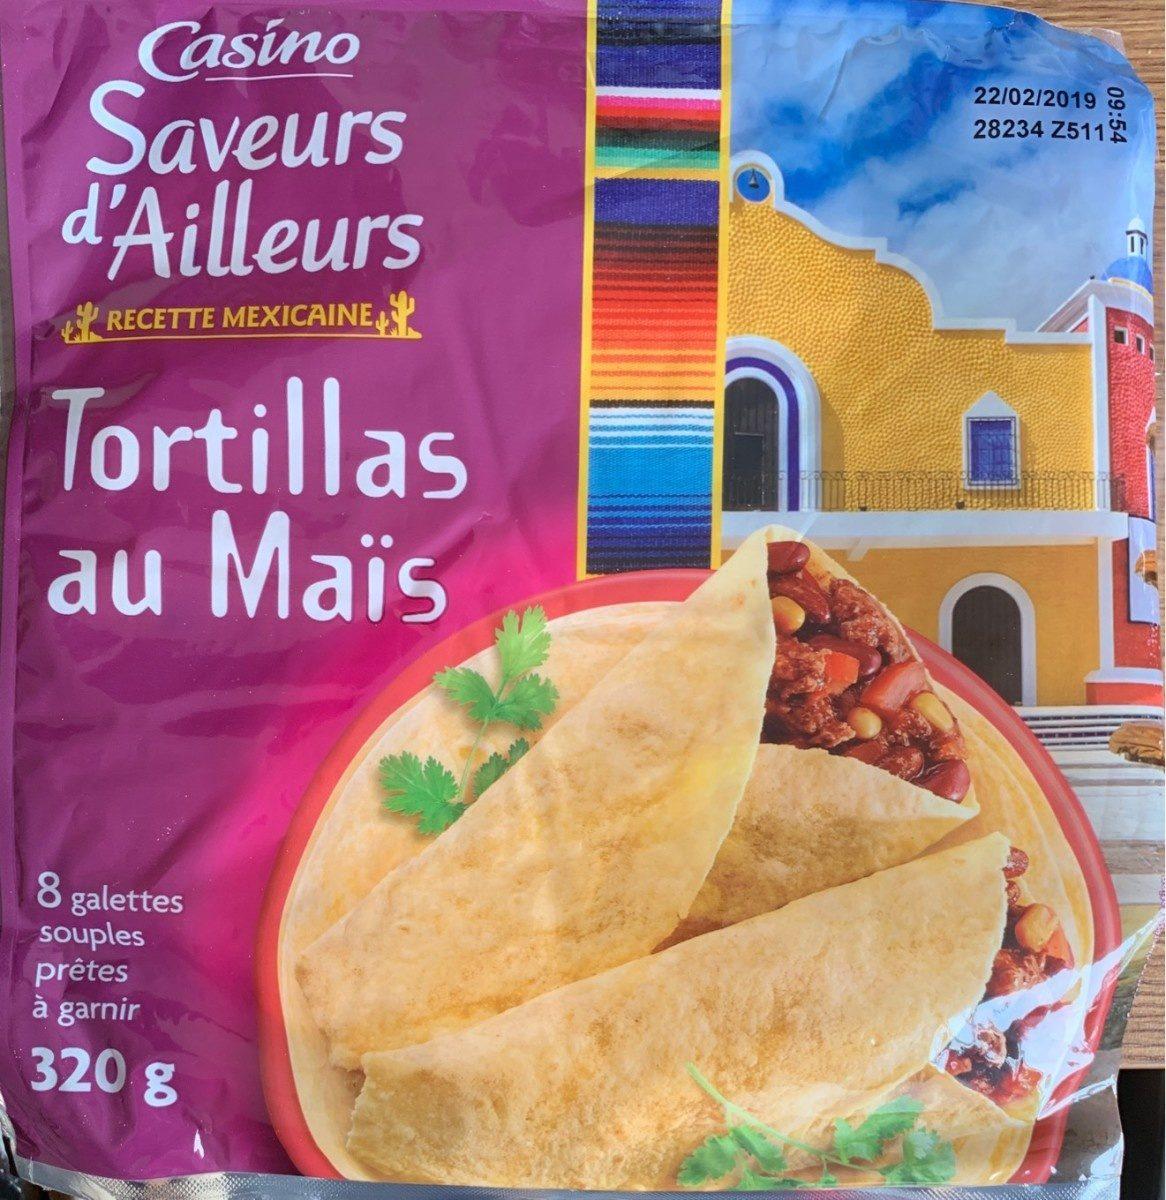 Tortillas de blé et maïs Casino - Produit